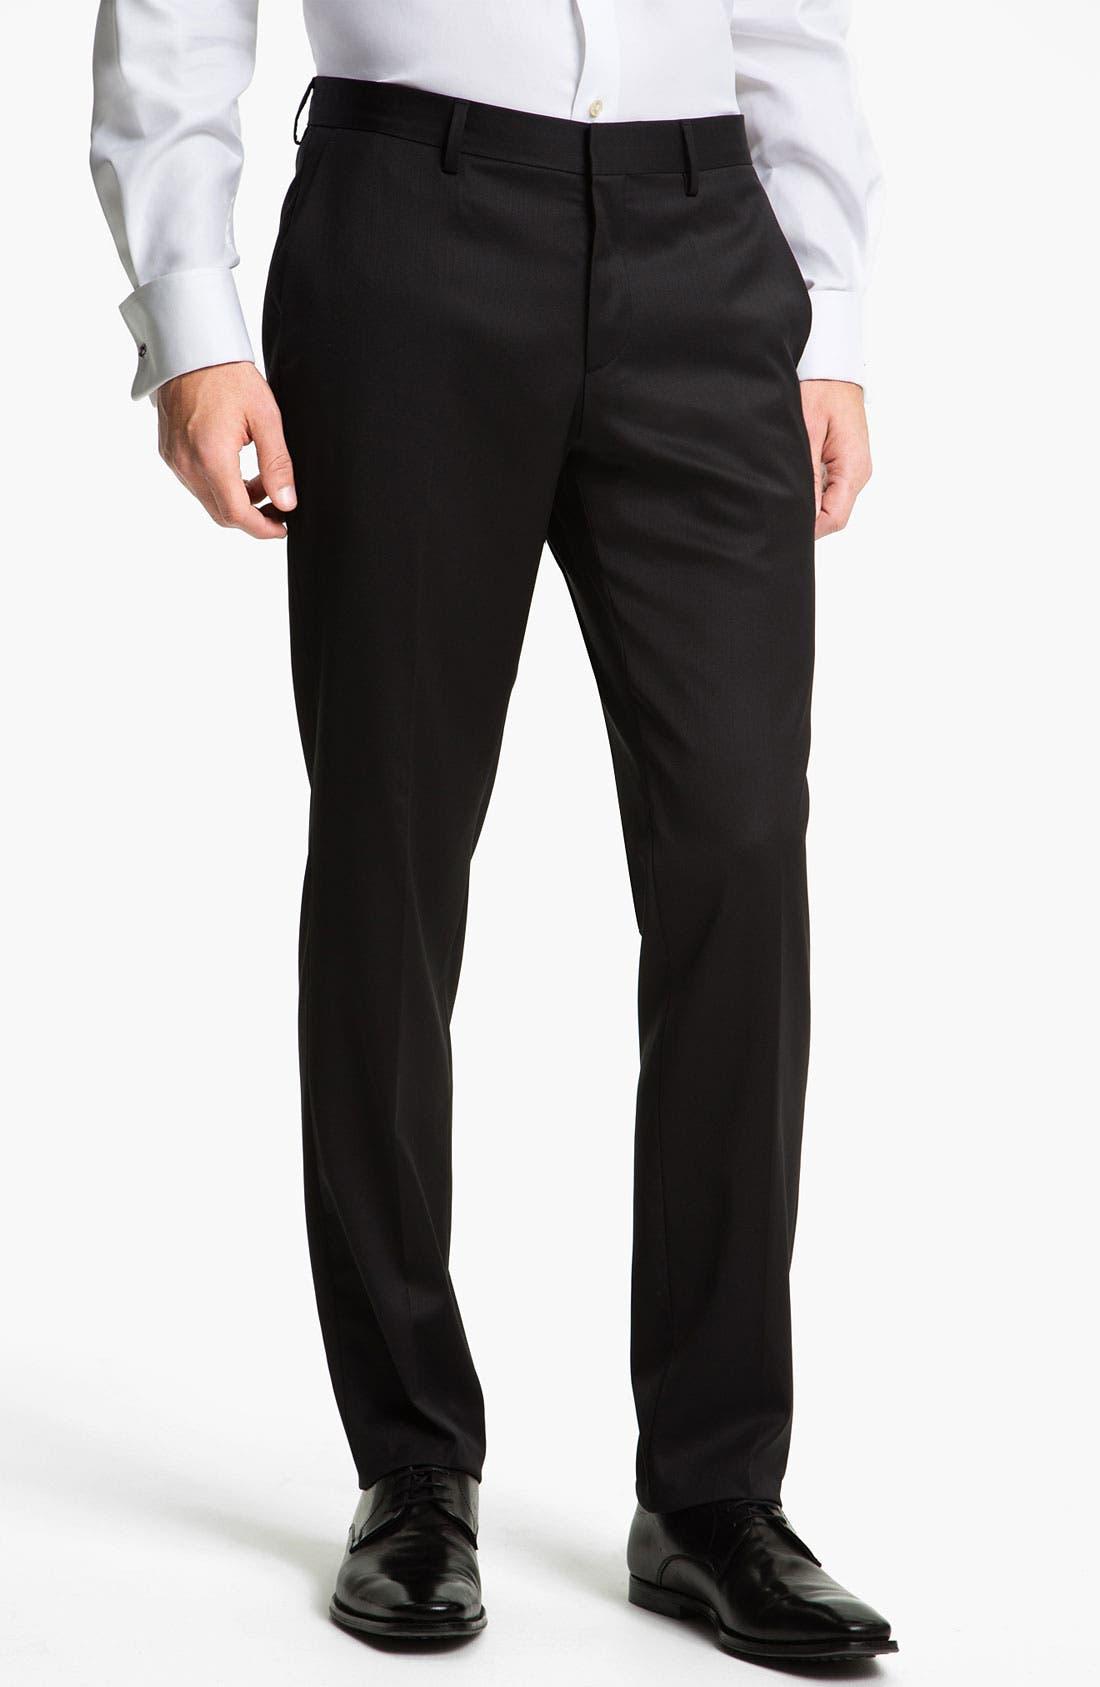 Main Image - BOSS Black 'Genesis' Formal Trousers